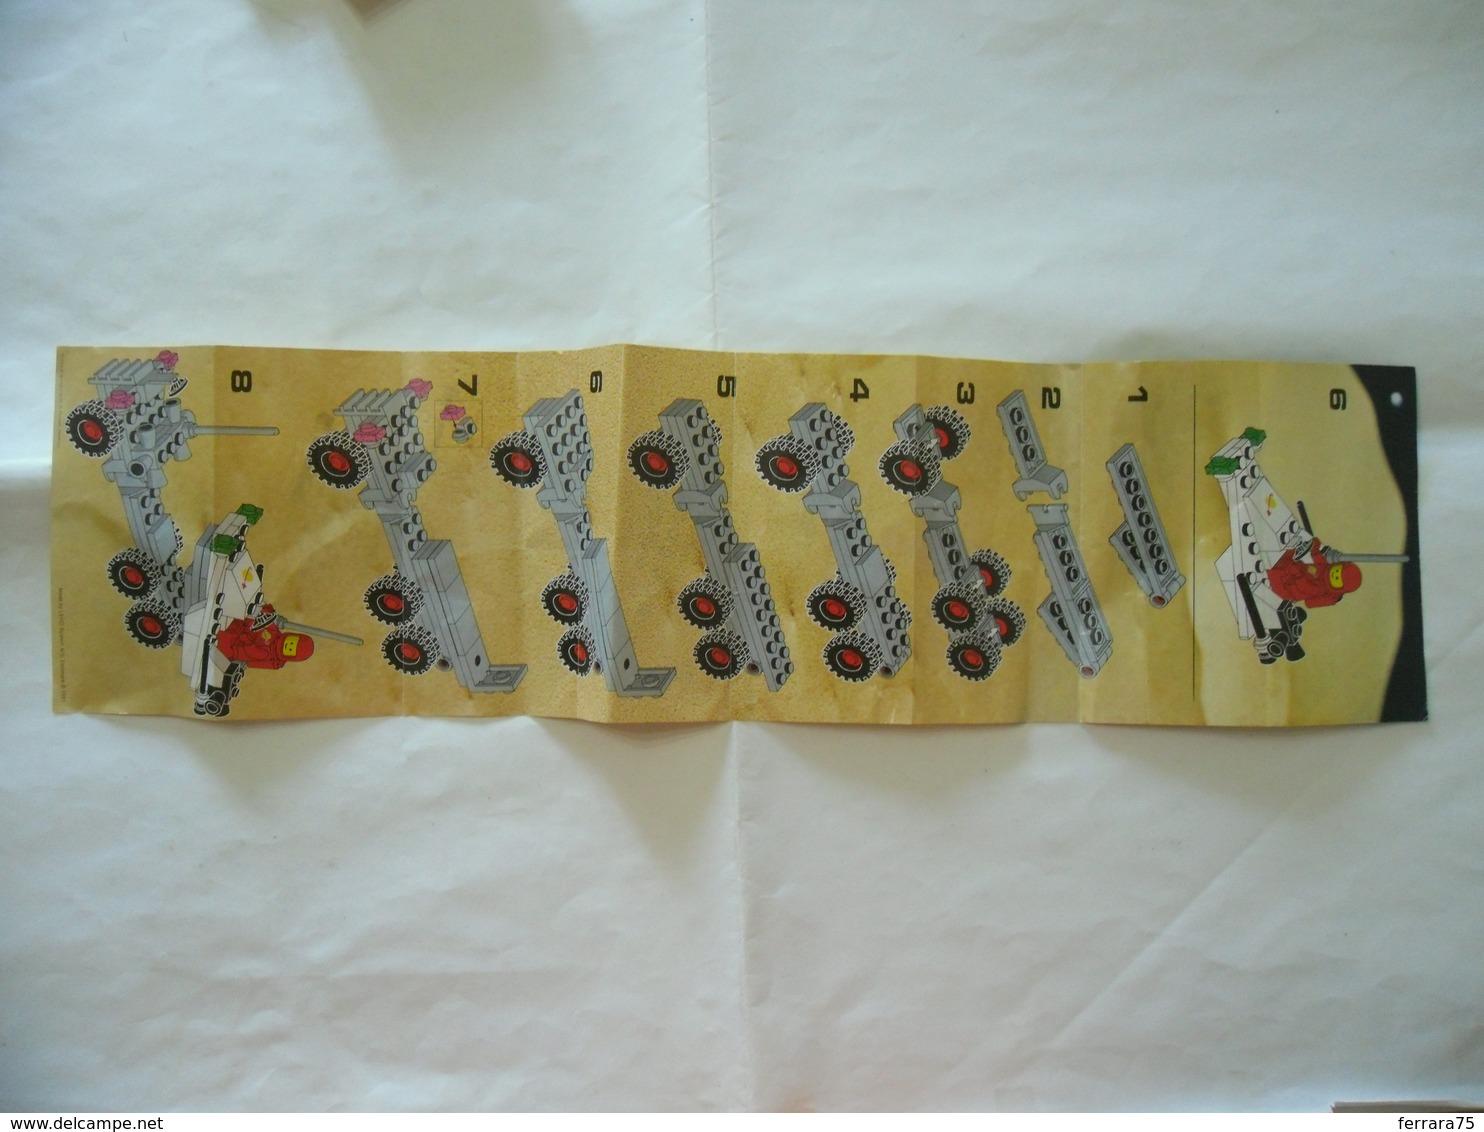 ISTRUZIONI MANUALE INSTRUCTION LEGO LEGOLAND 6870 - Kataloge